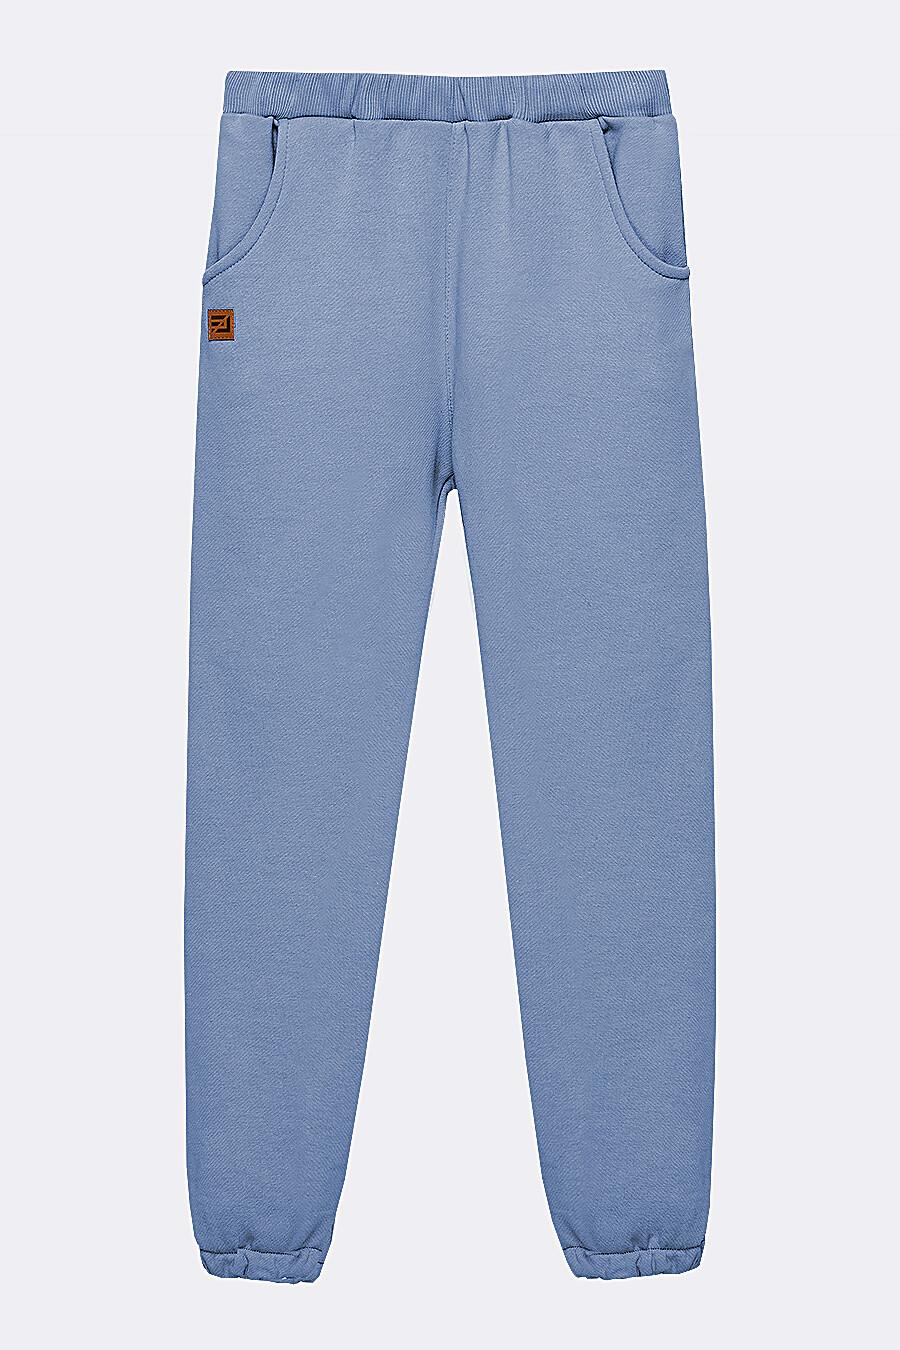 Костюм(Худи+Брюки) для девочек EZANNA 682539 купить оптом от производителя. Совместная покупка детской одежды в OptMoyo